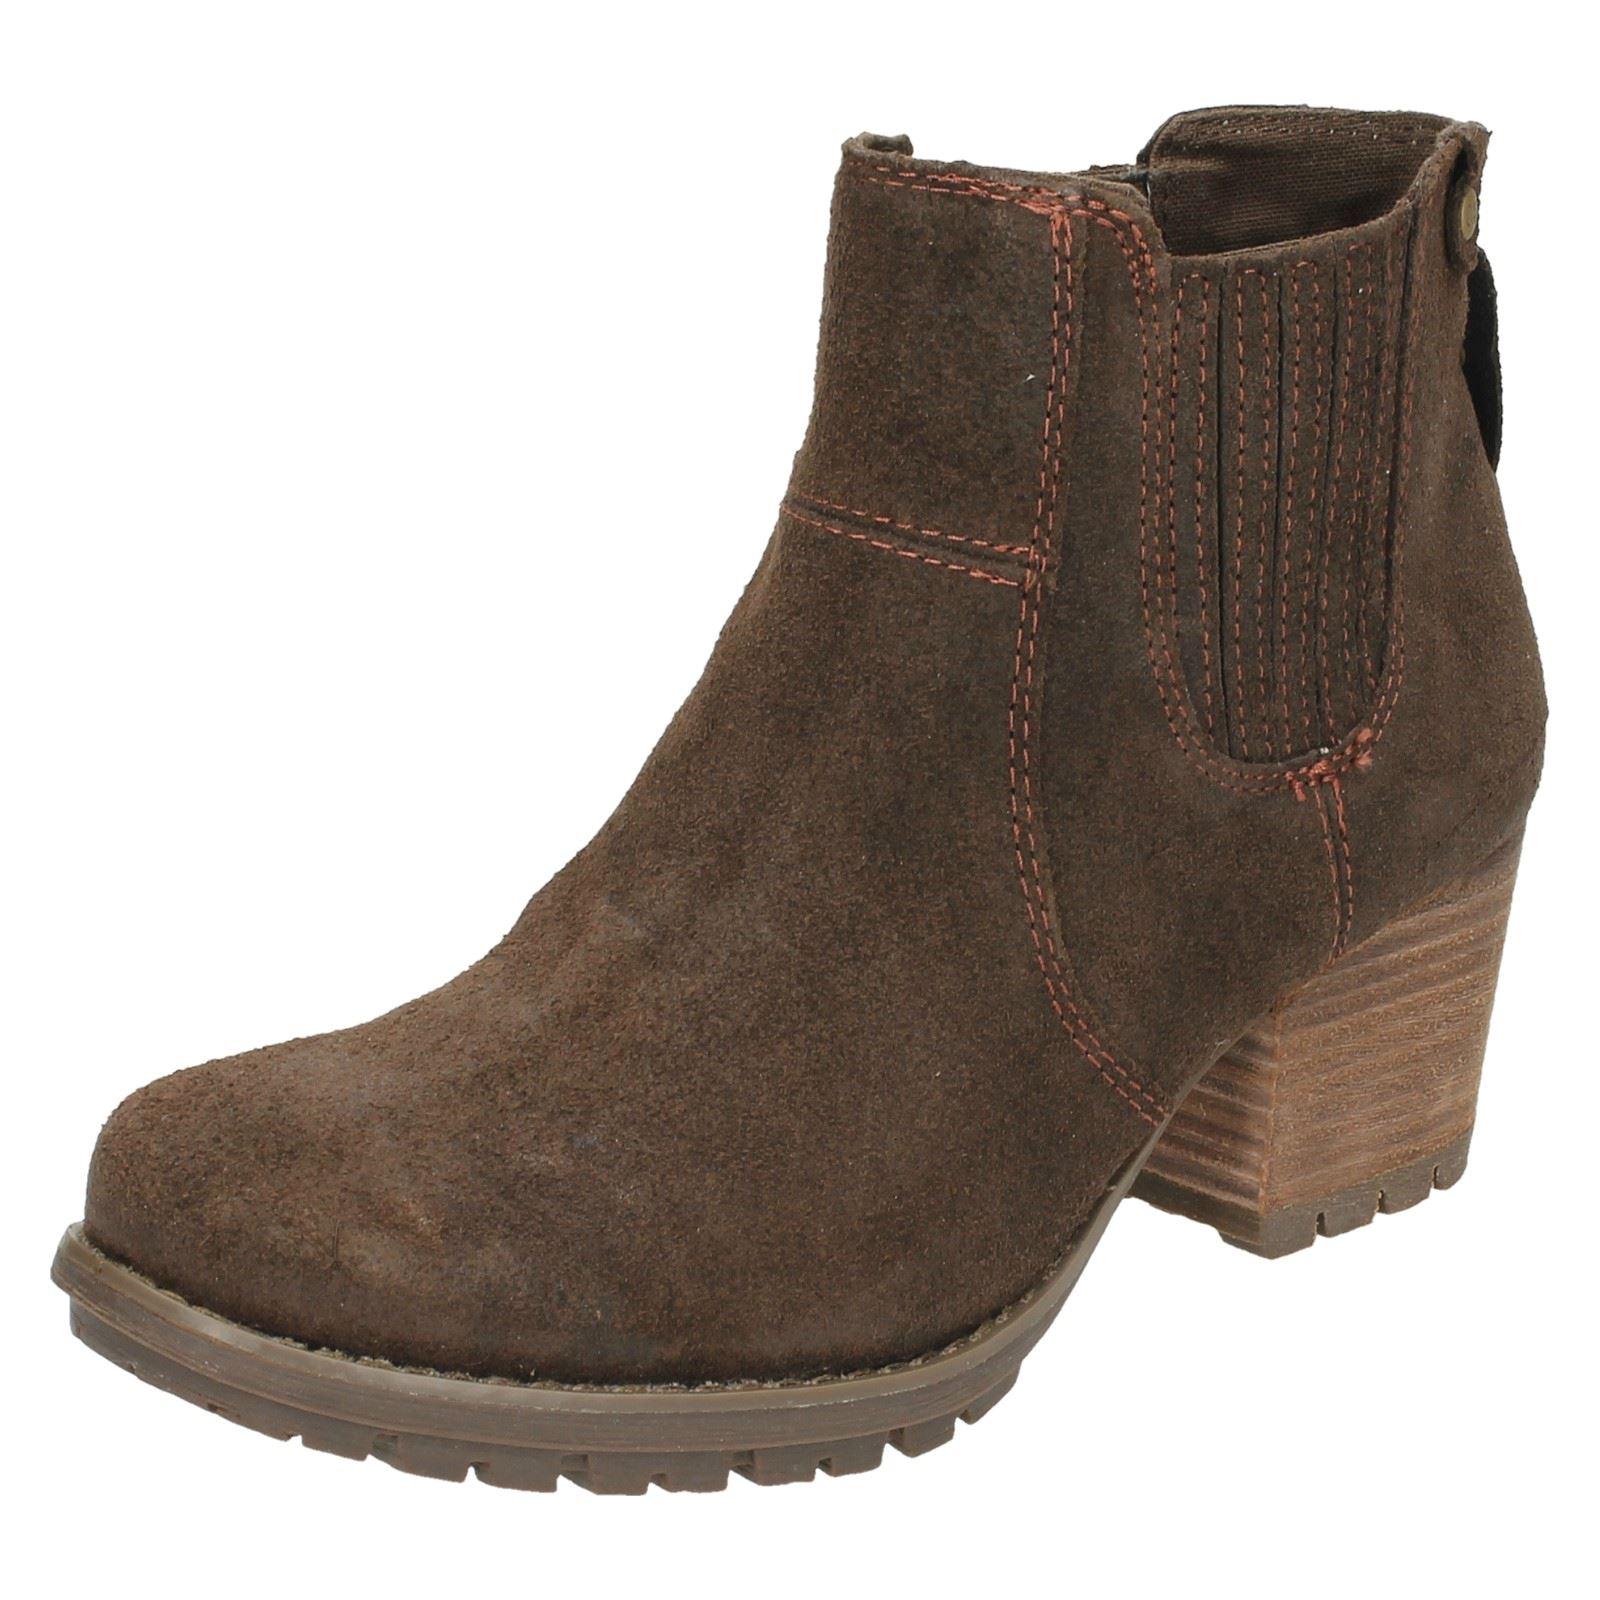 Ladies-Caterpillar-Allison-Slip-On-Ankle-Boots